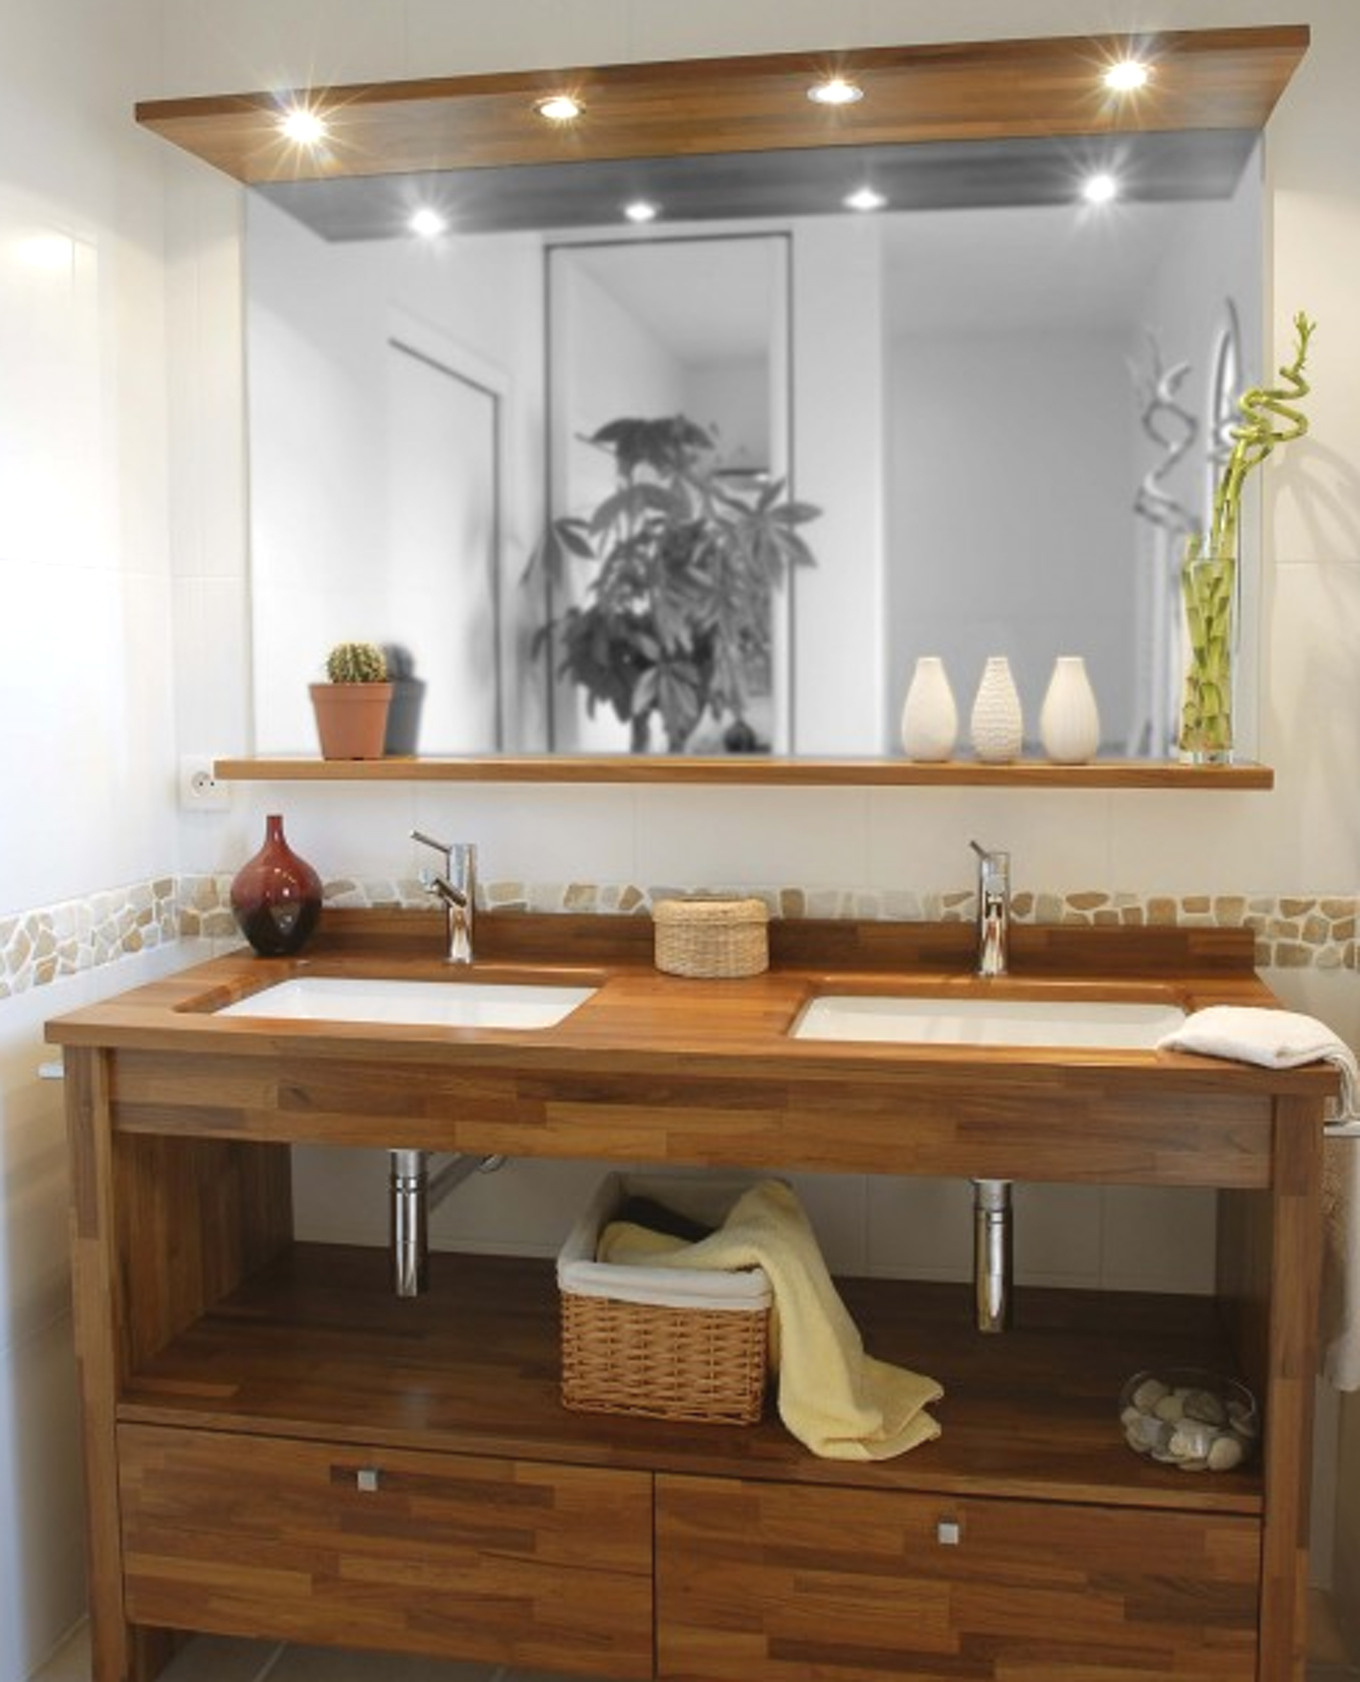 Point P Meuble Salle De Bain Inspirant Galerie Meuble Salle De Bain Unique Meuble Salle De Bain Point P Best Point